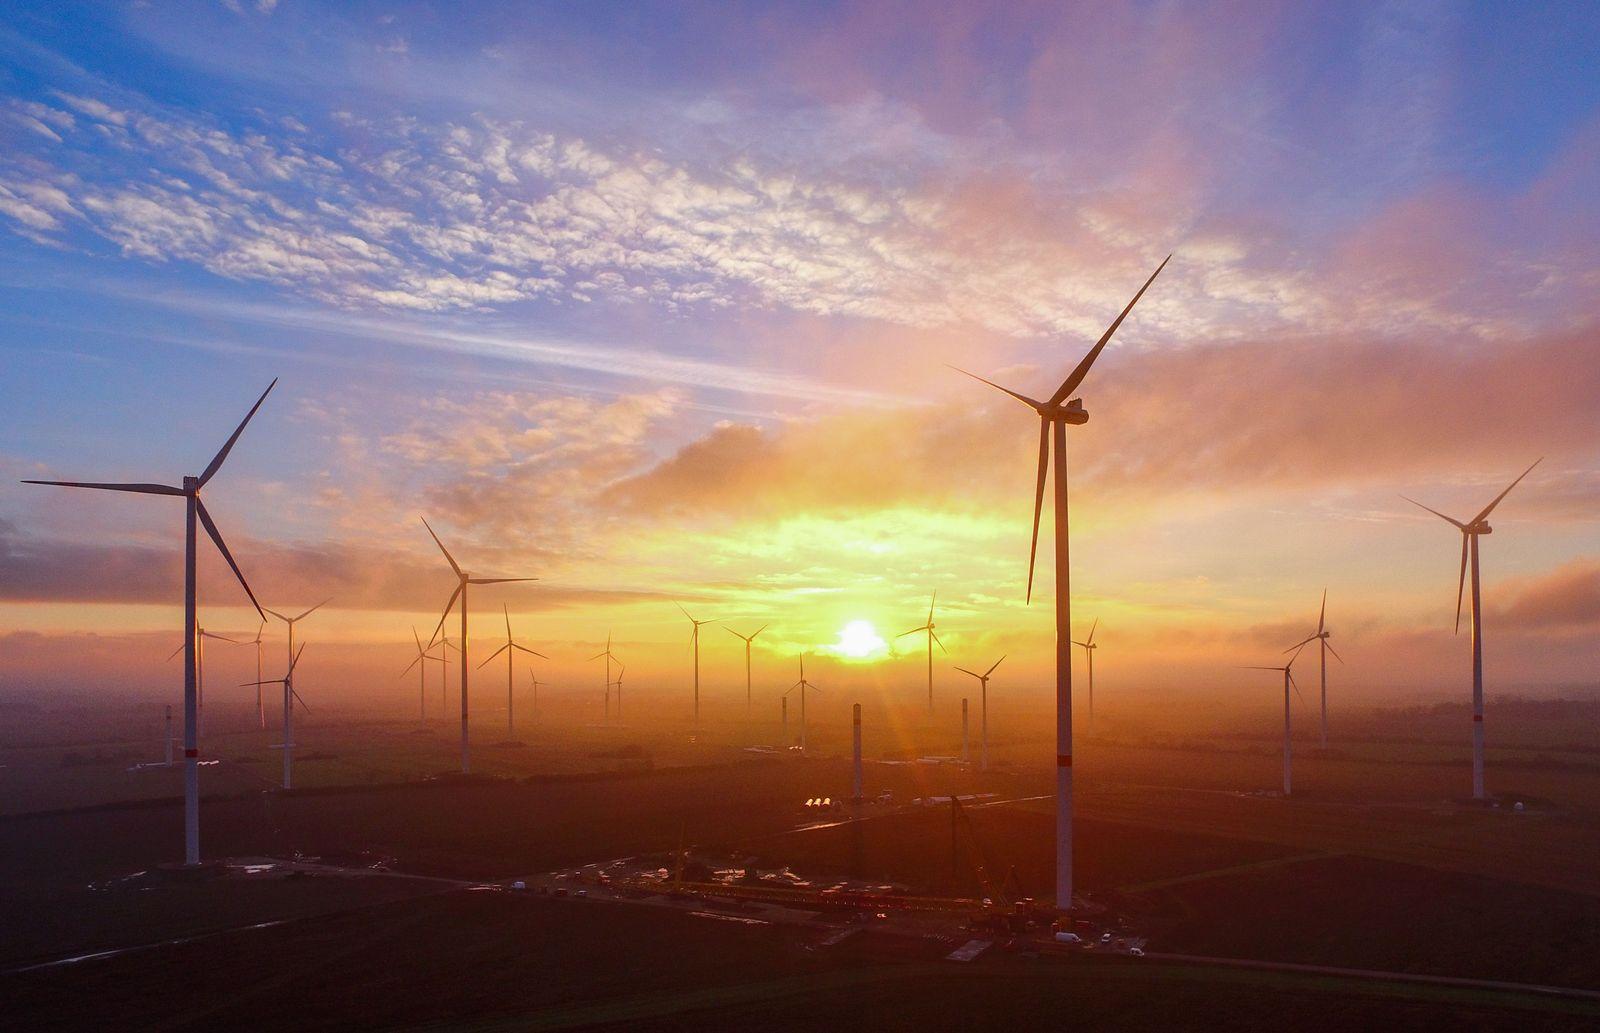 Windenrgie/ Energiewende